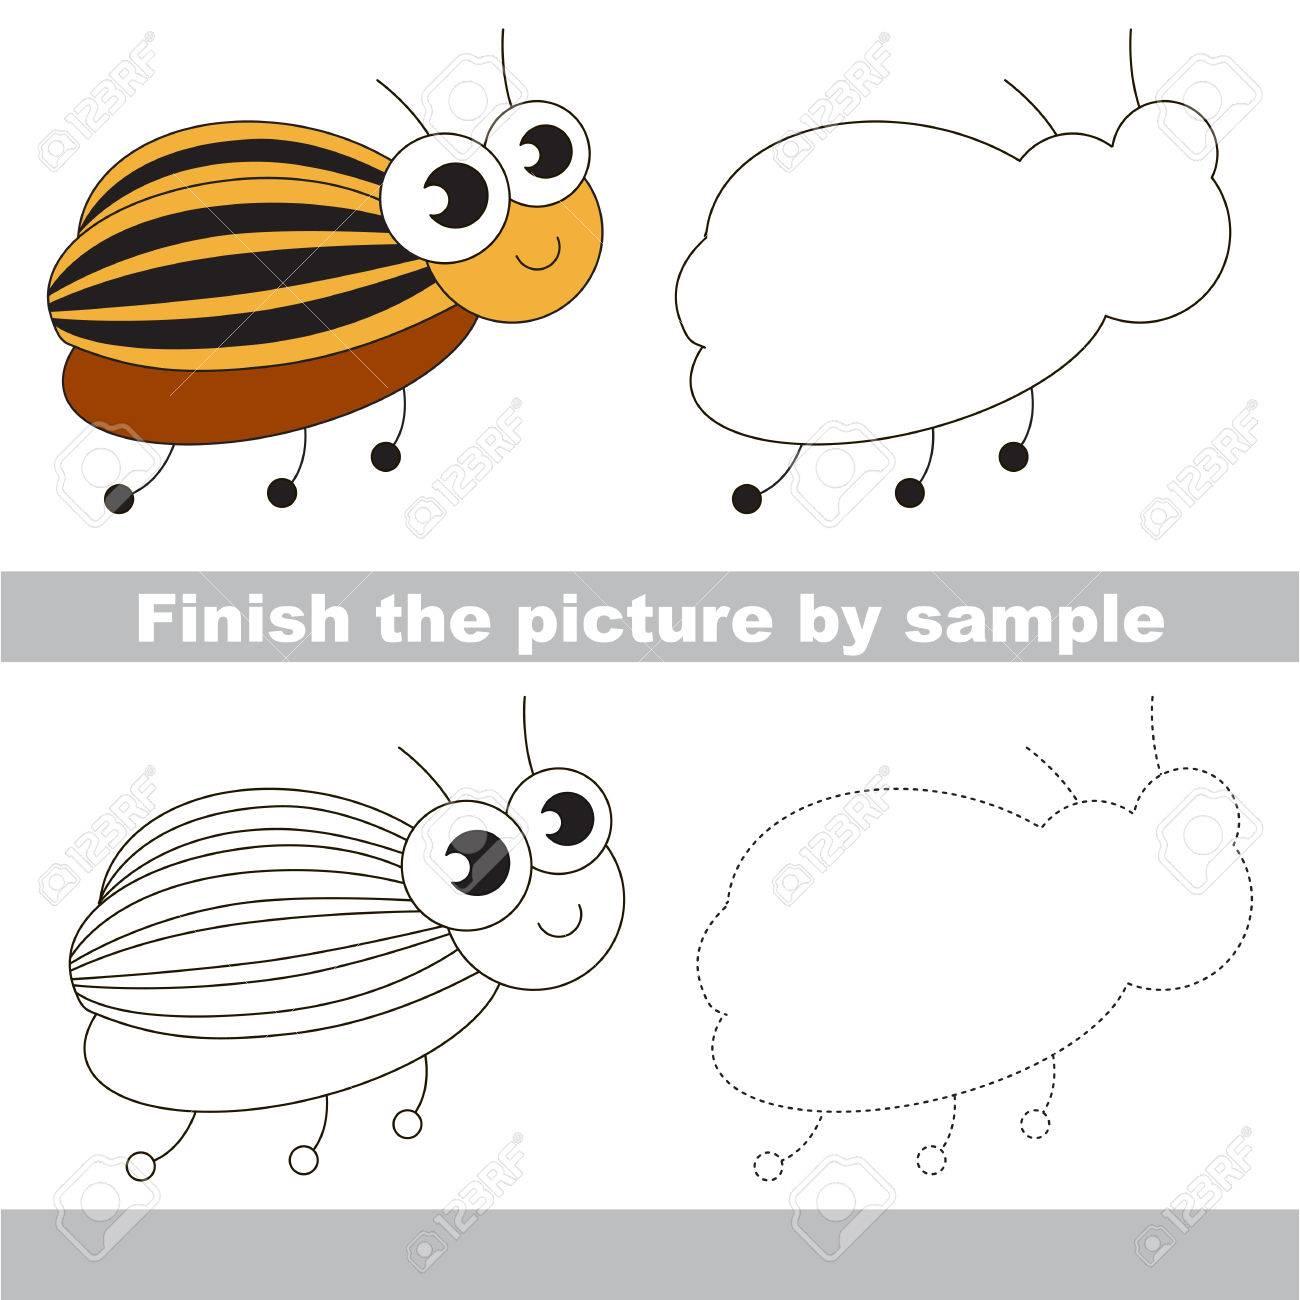 Dibujo Hoja De Trabajo Para Los Niños. Fácil Juego De Niños. Simple ...